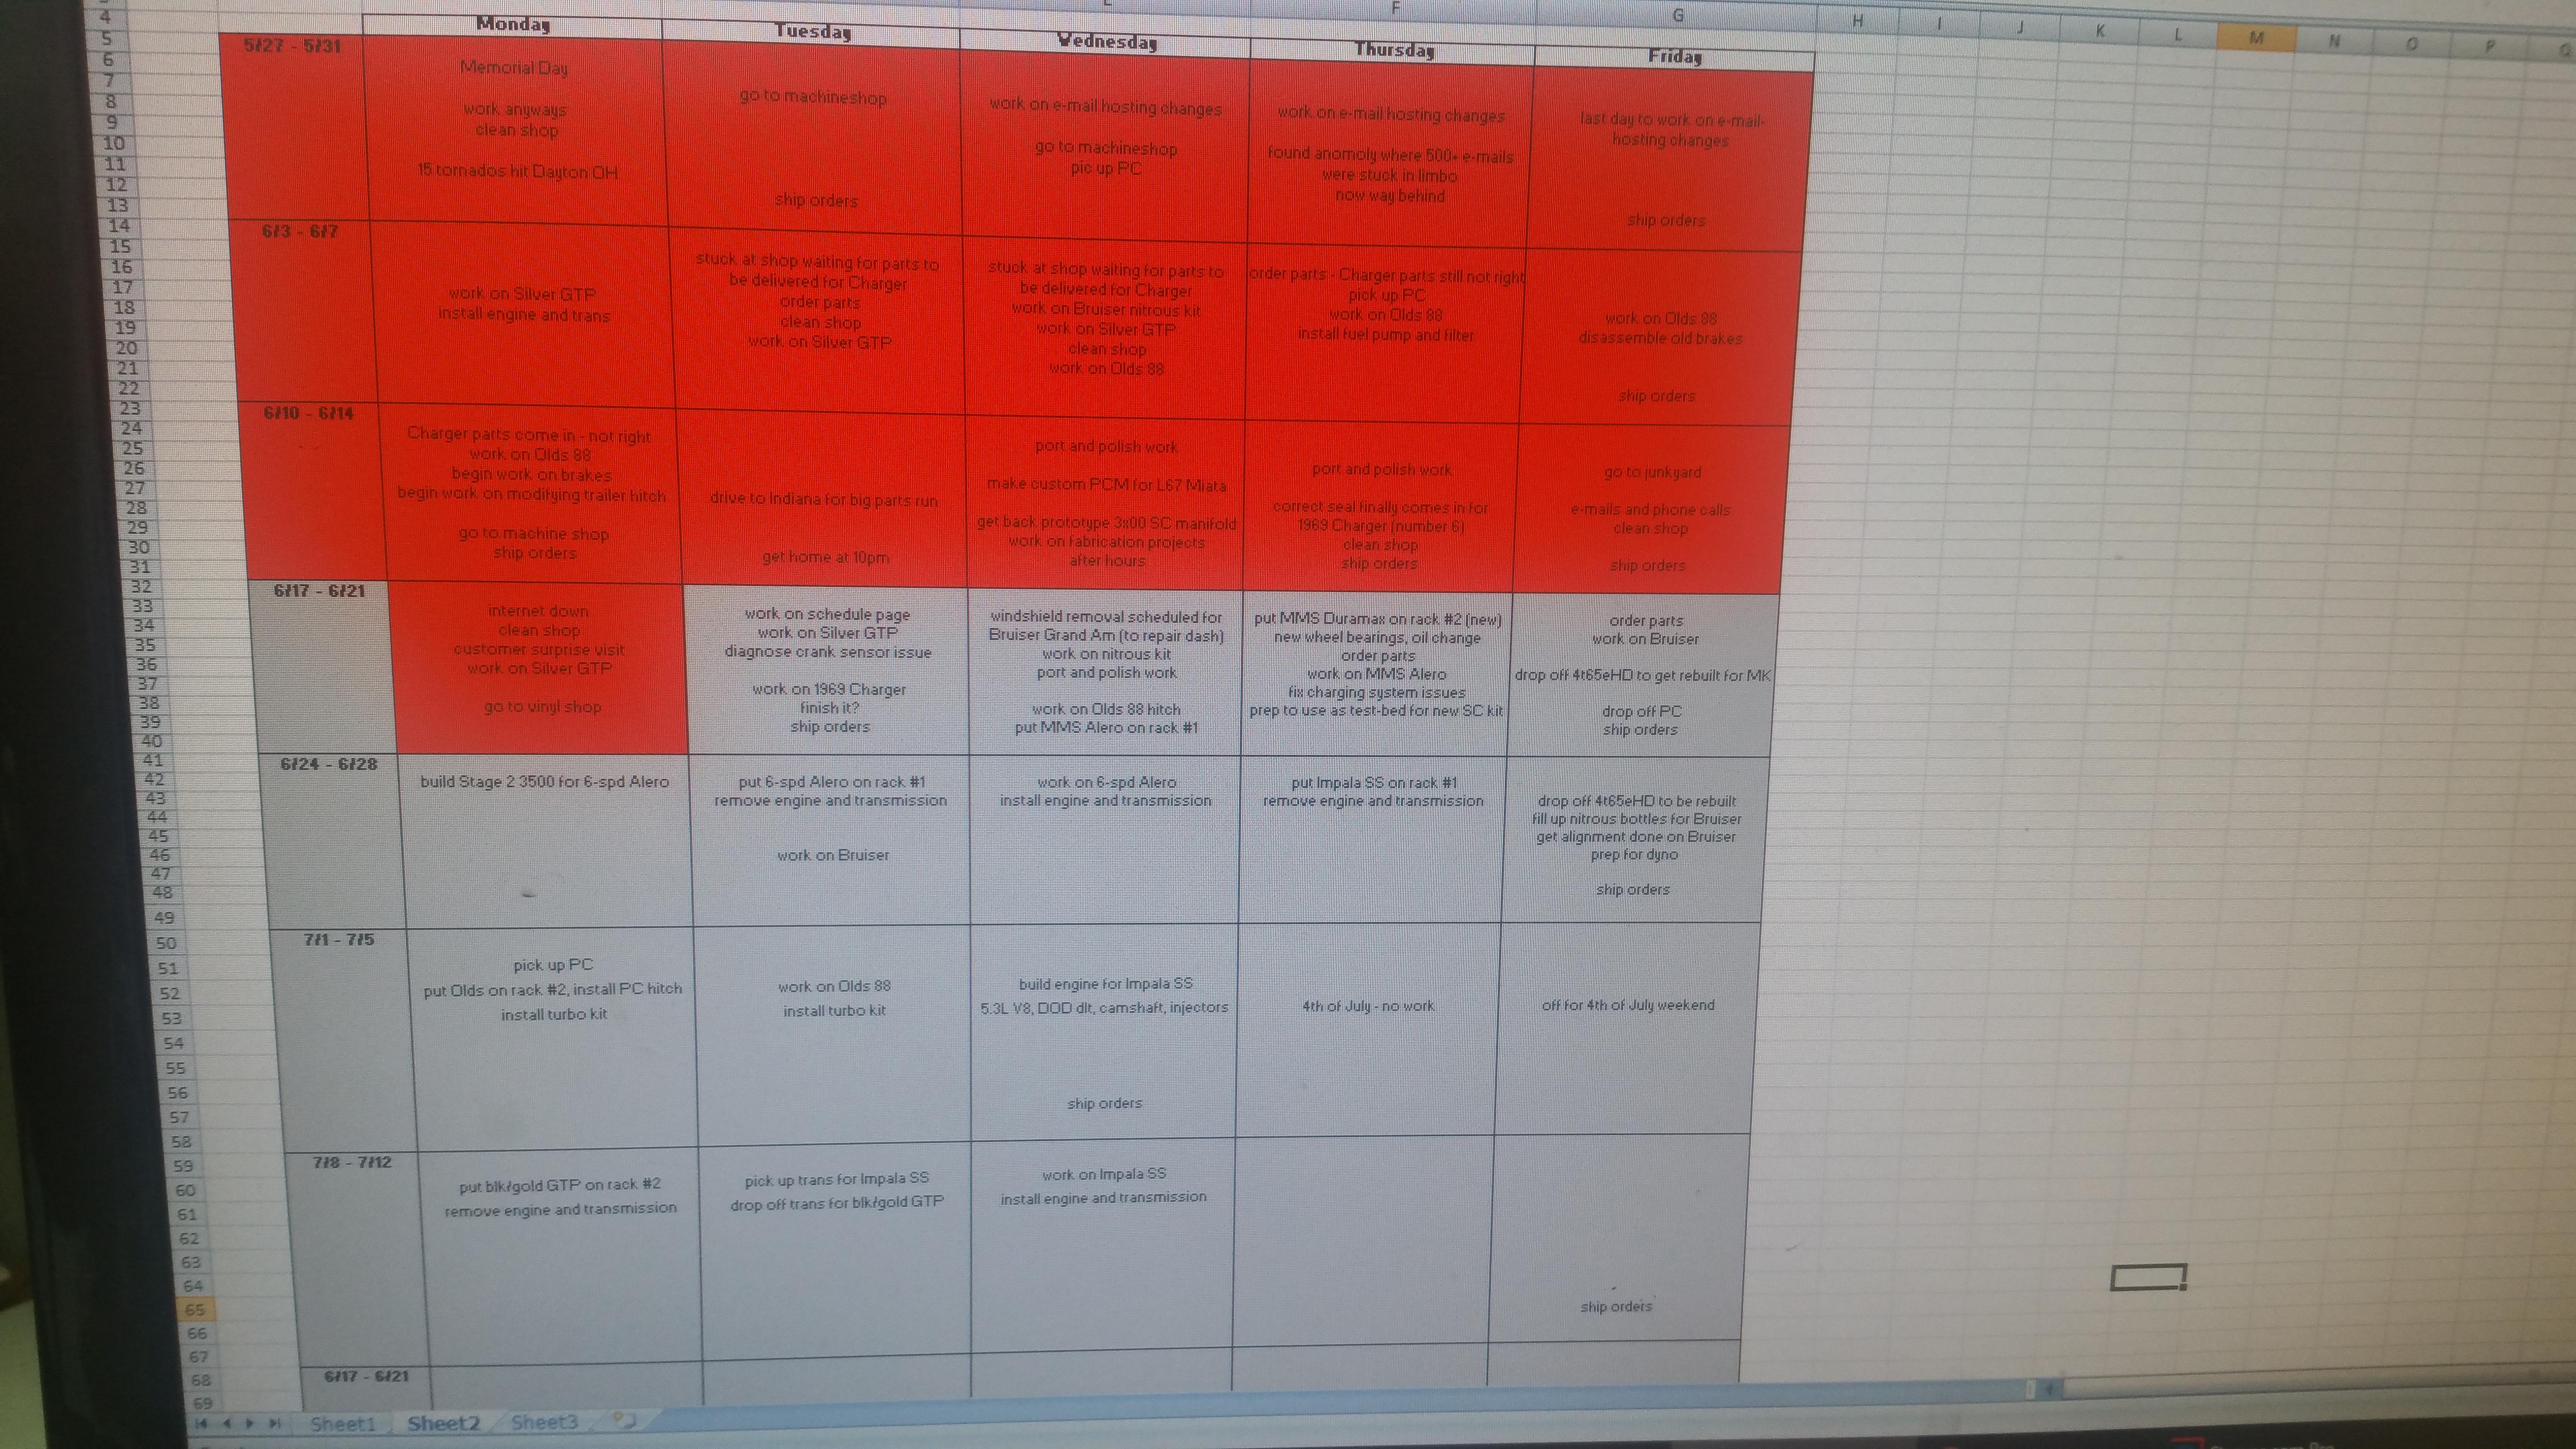 schedule061819.jpg